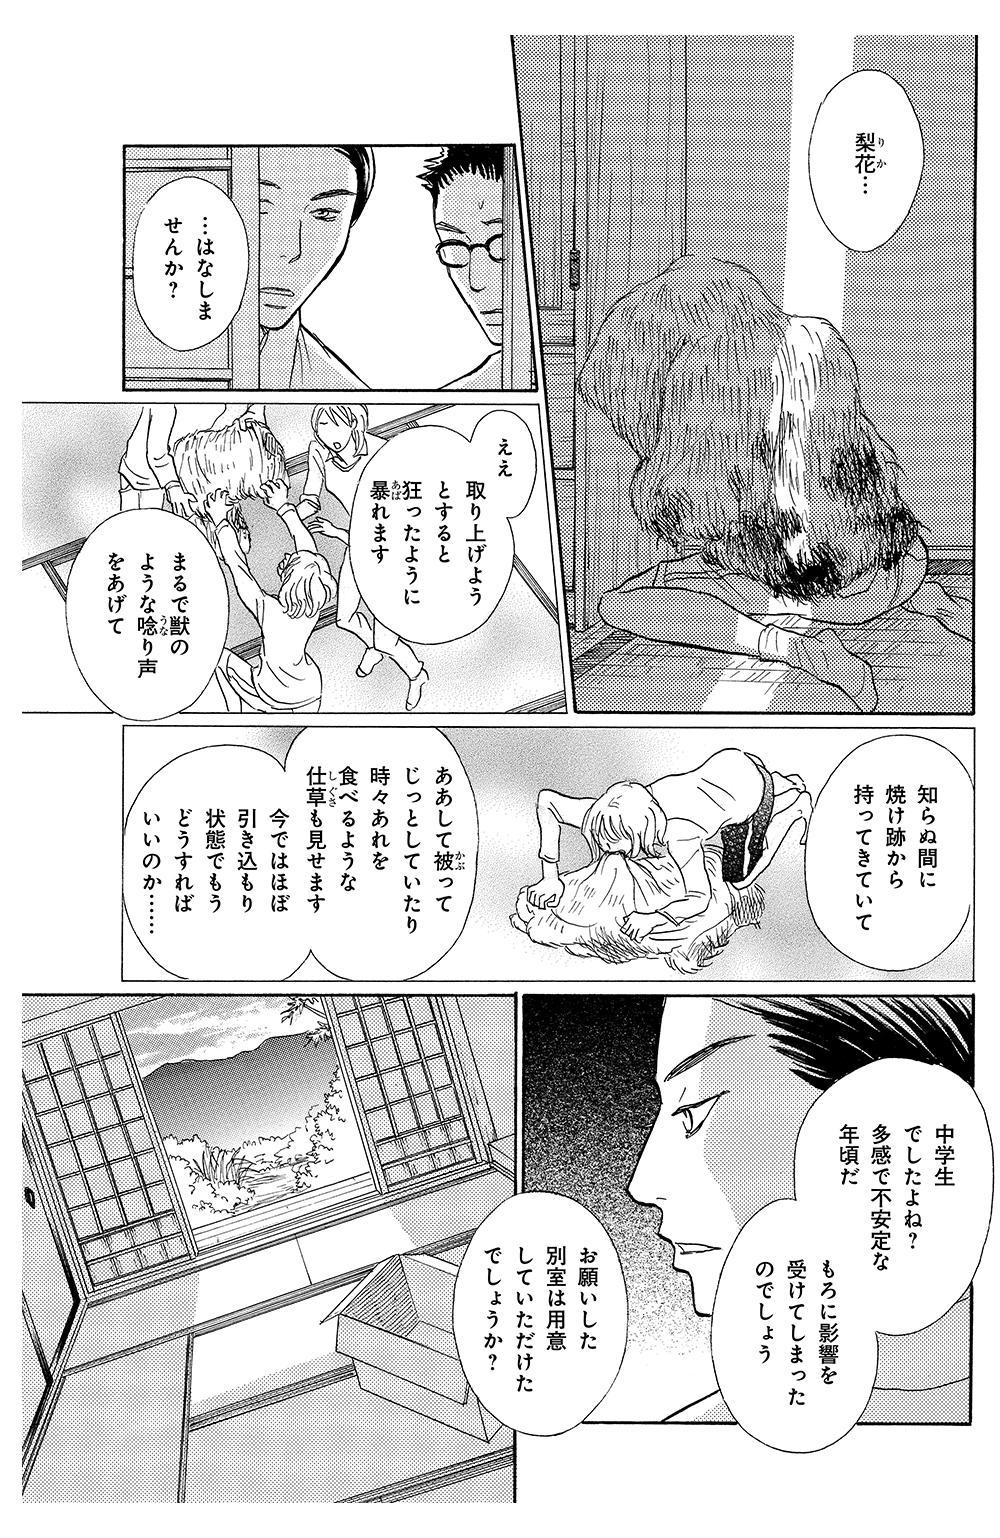 伊集院月丸の残念な霊能稼業 第1話「獣の皮」①iju1-1-10.jpg